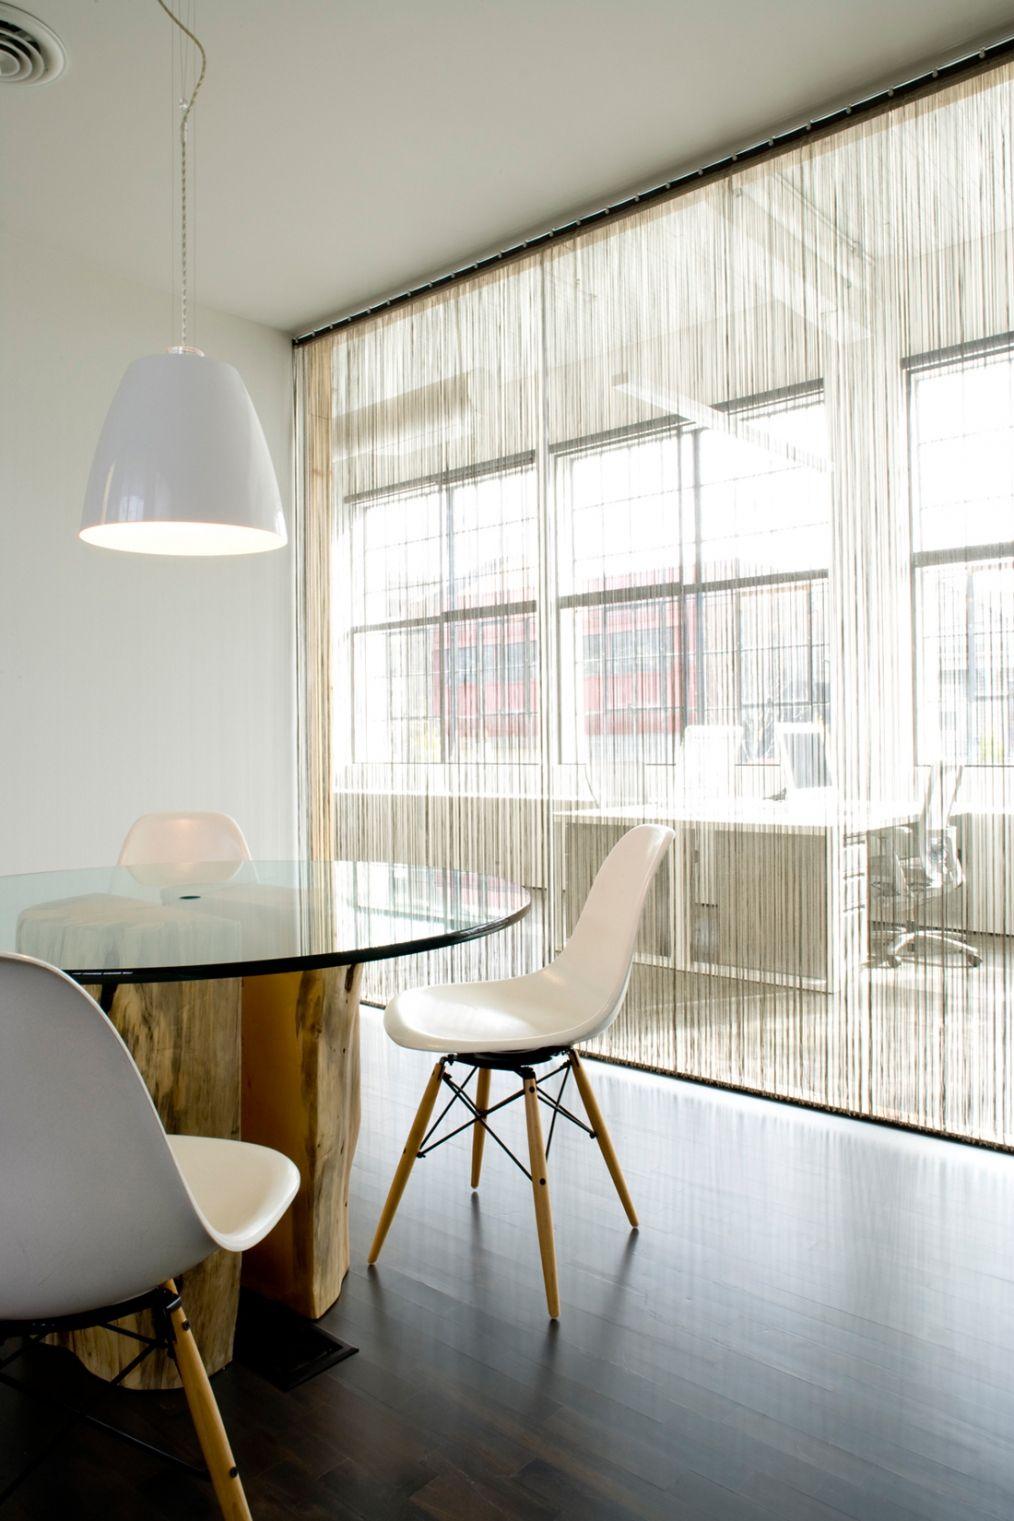 Oddělení kuchyně trochu jiné desk grouping against window in the background fringe curtain on window